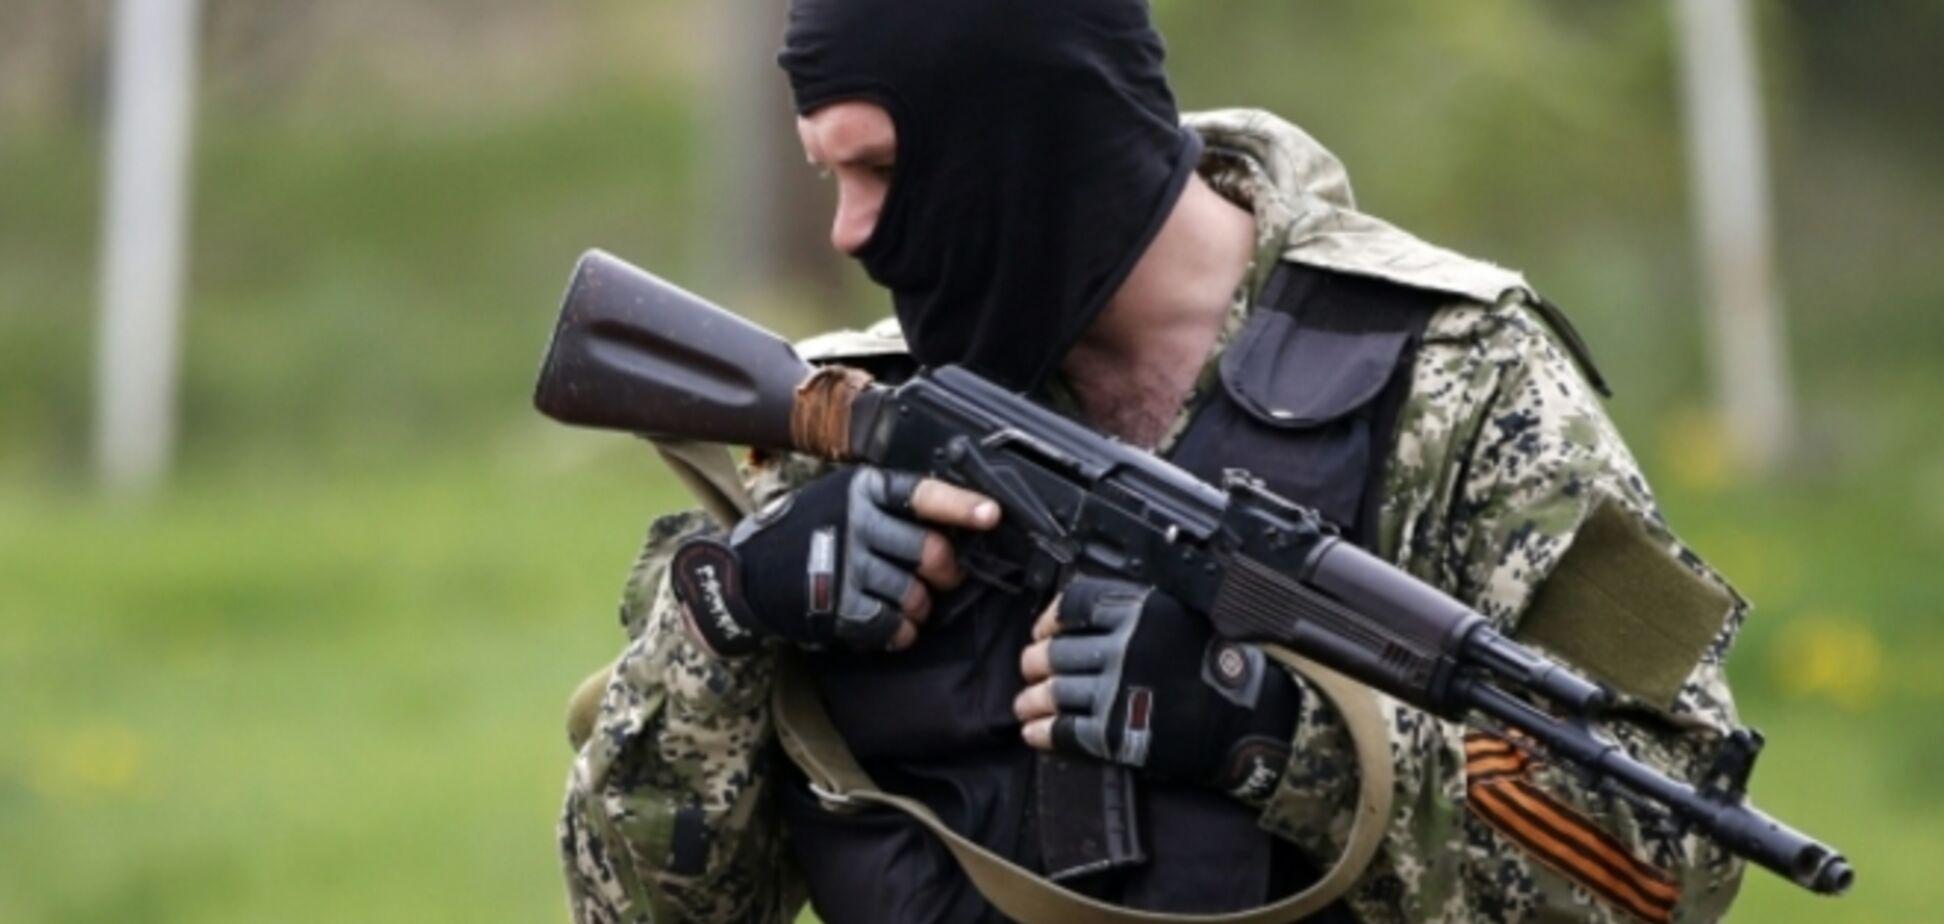 Донецкая ОГА сообщила о восьми жертвах спецоперации в Славянске